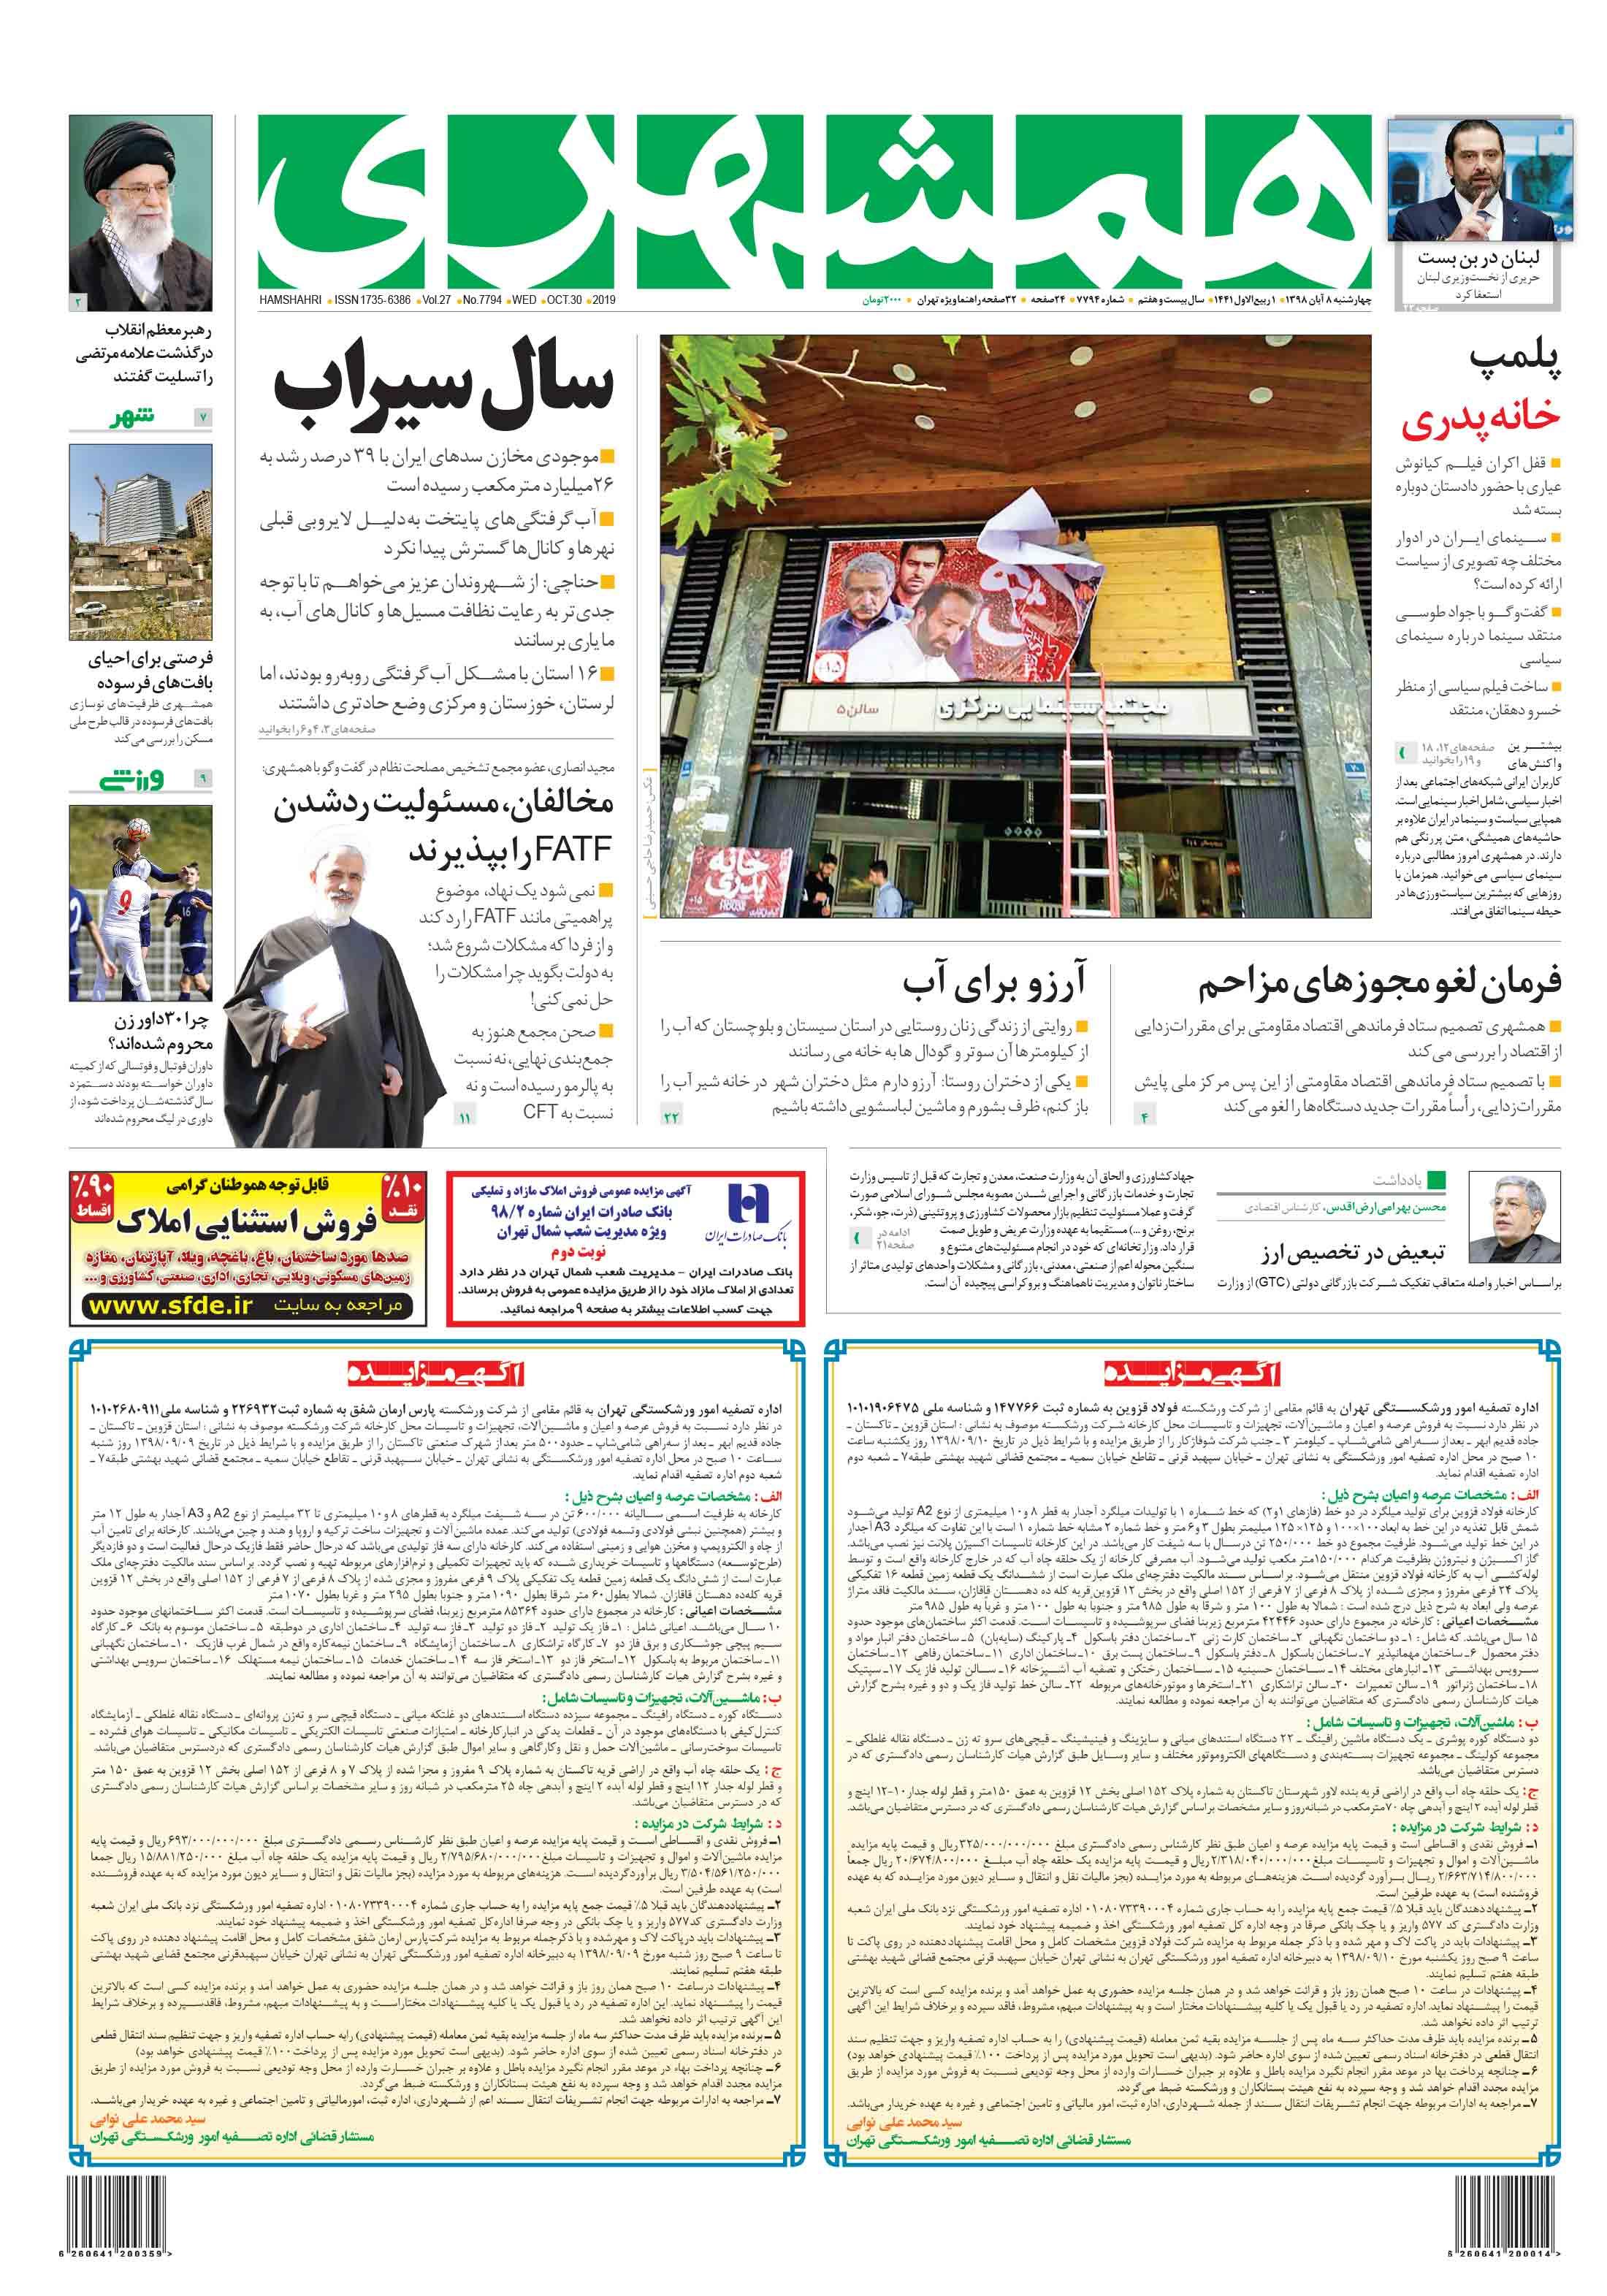 صفحه اول چهارشنبه 8 آبان 1398